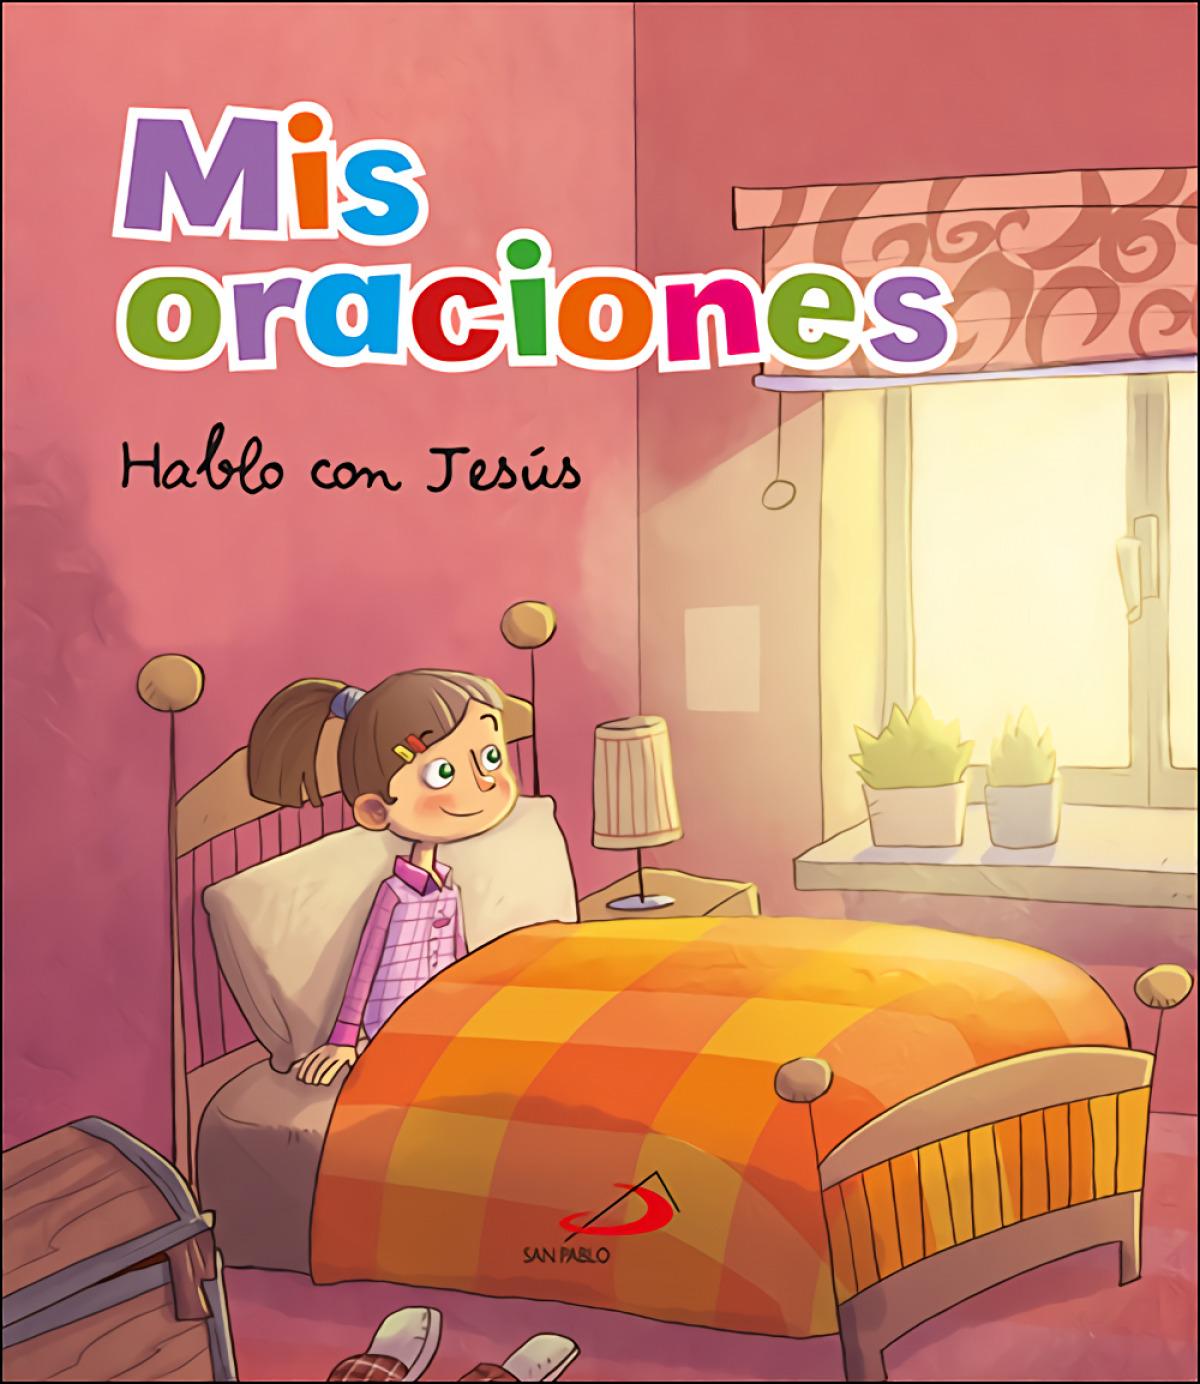 MIS ORACIONES HABLO CON JESUS